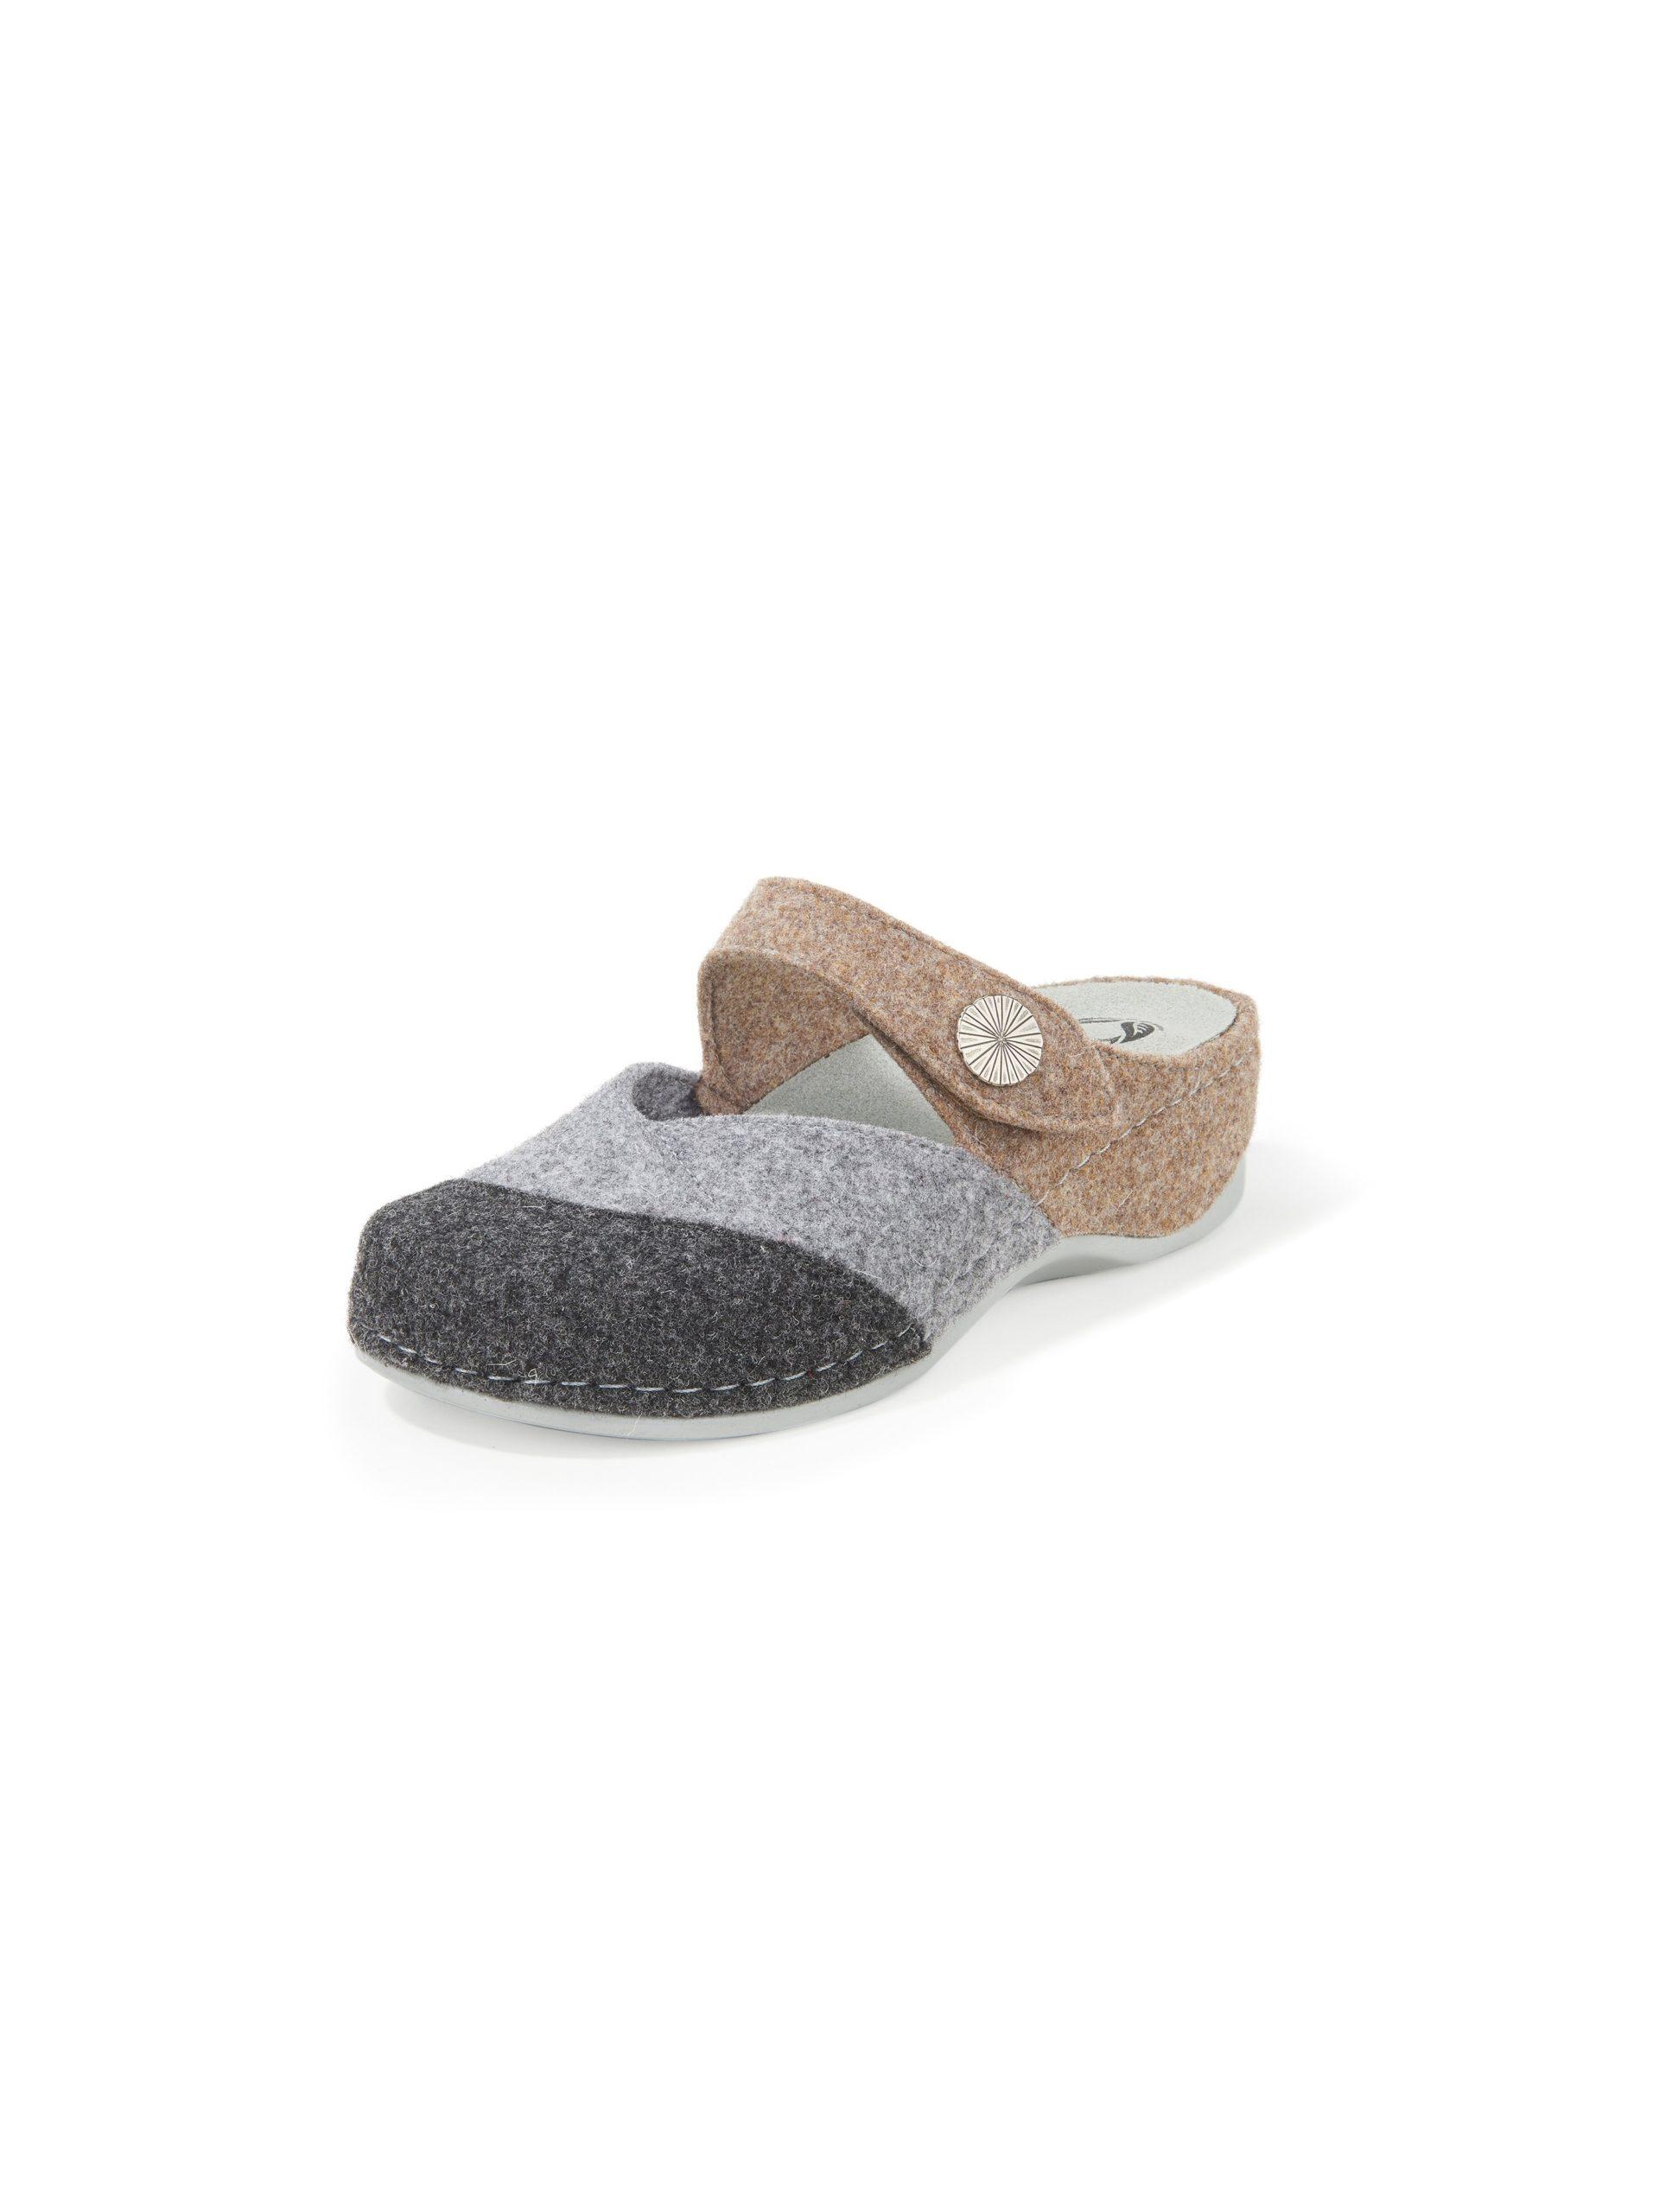 Pantoffels van wolvilt met gel-memory-voetbed Van MUBB multicolour Kopen